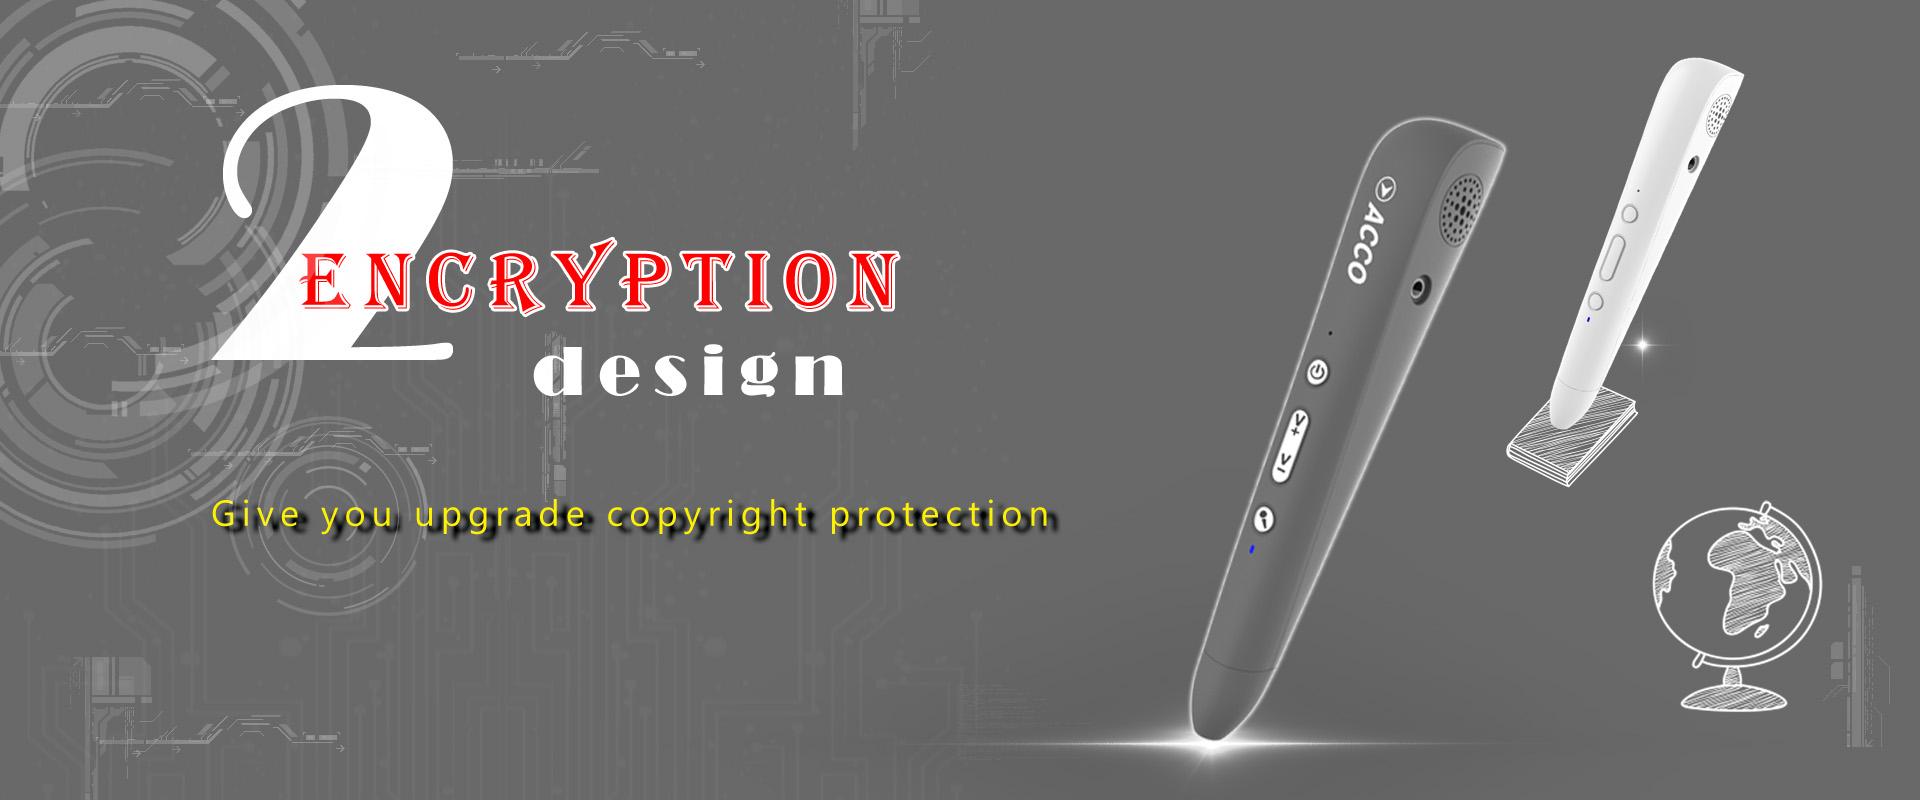 Acco talking pen encryption